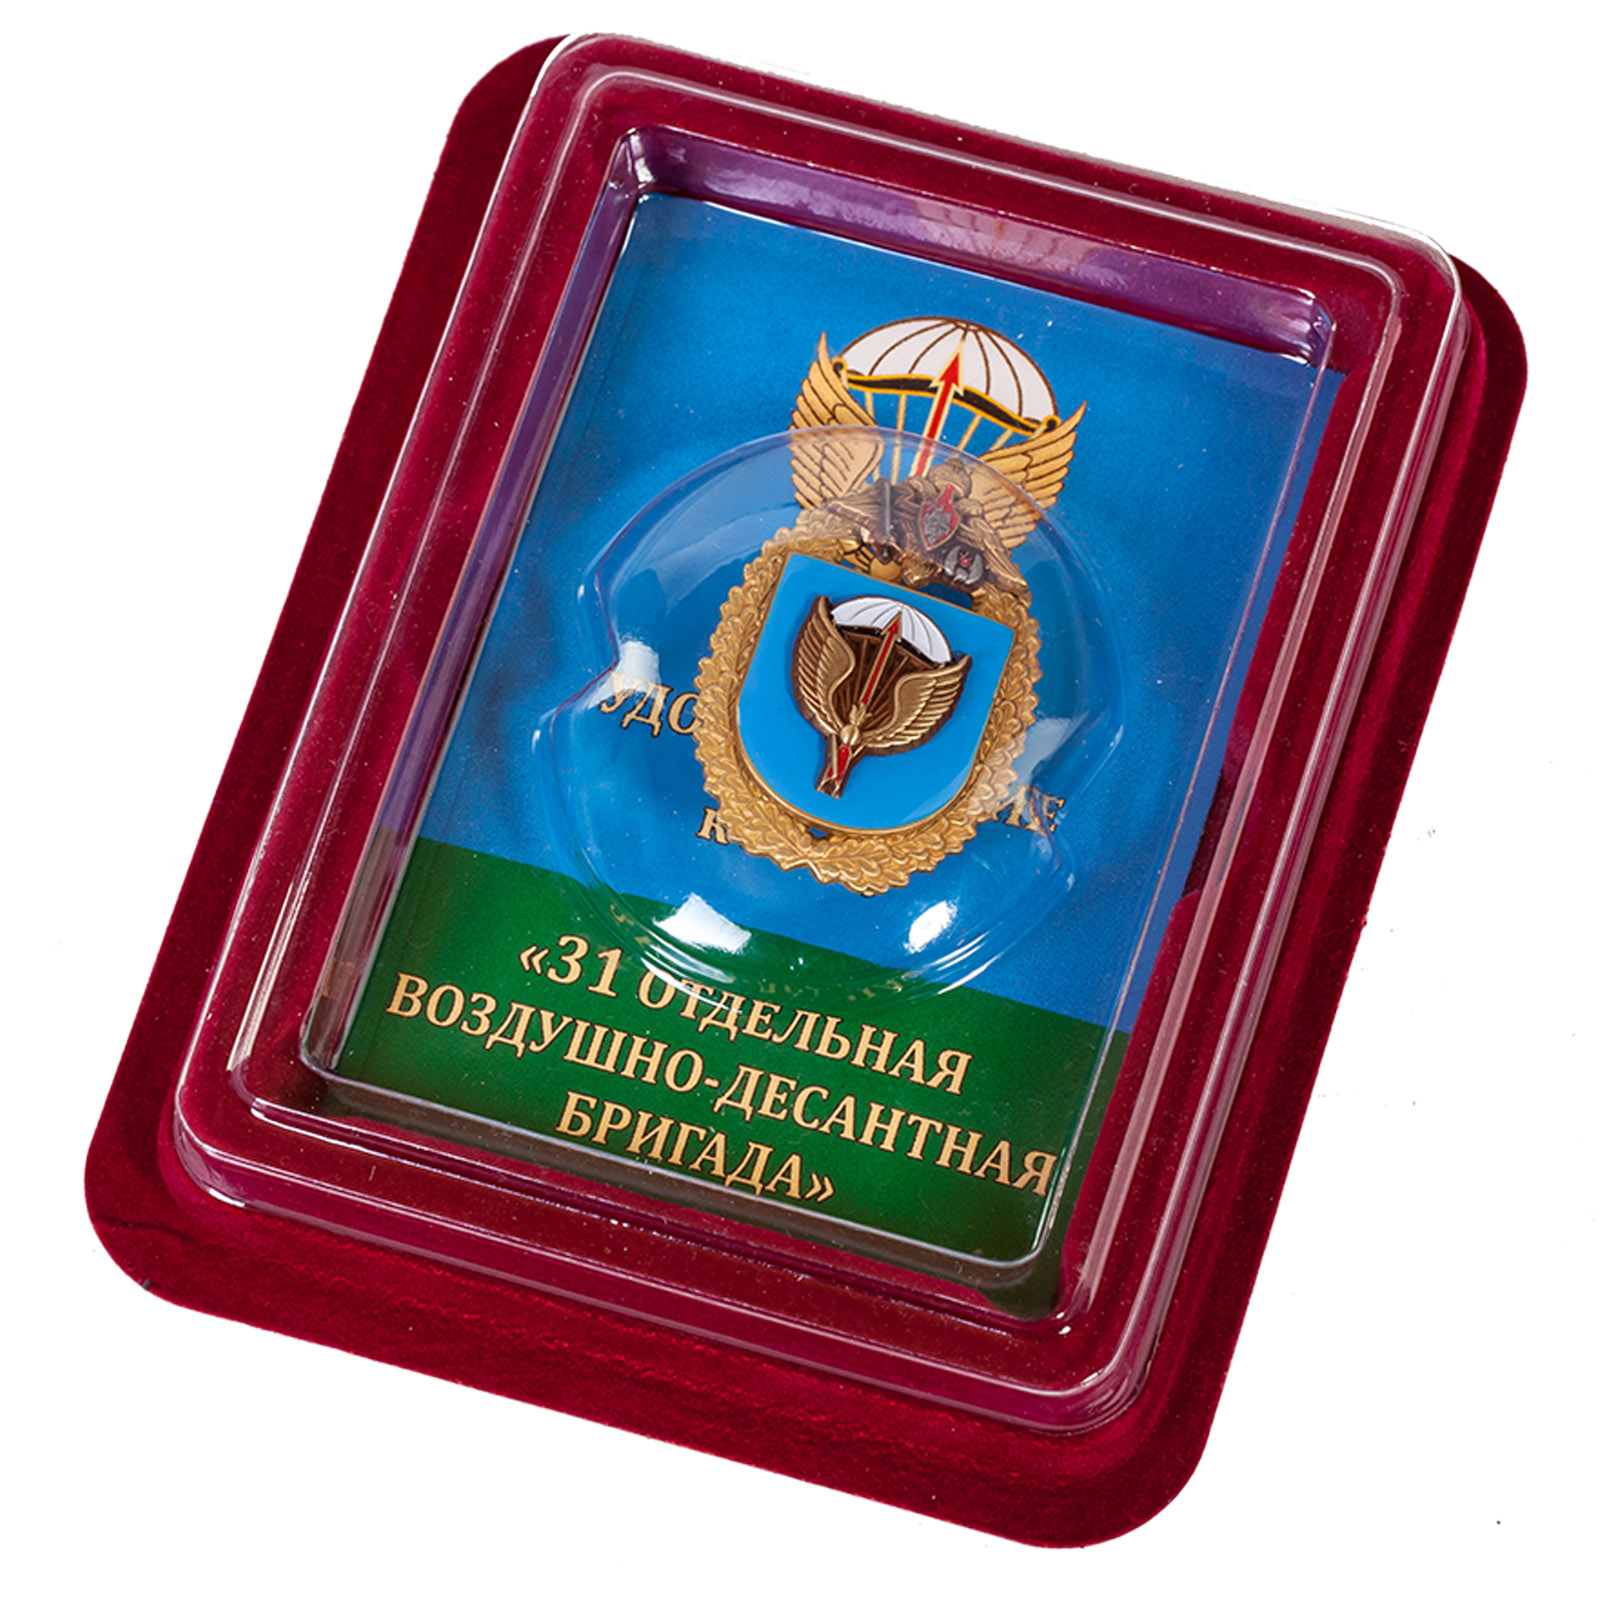 """Знак """"31-я отдельная Воздушно-десантная бригада"""" в бархатистом футляре из флока"""